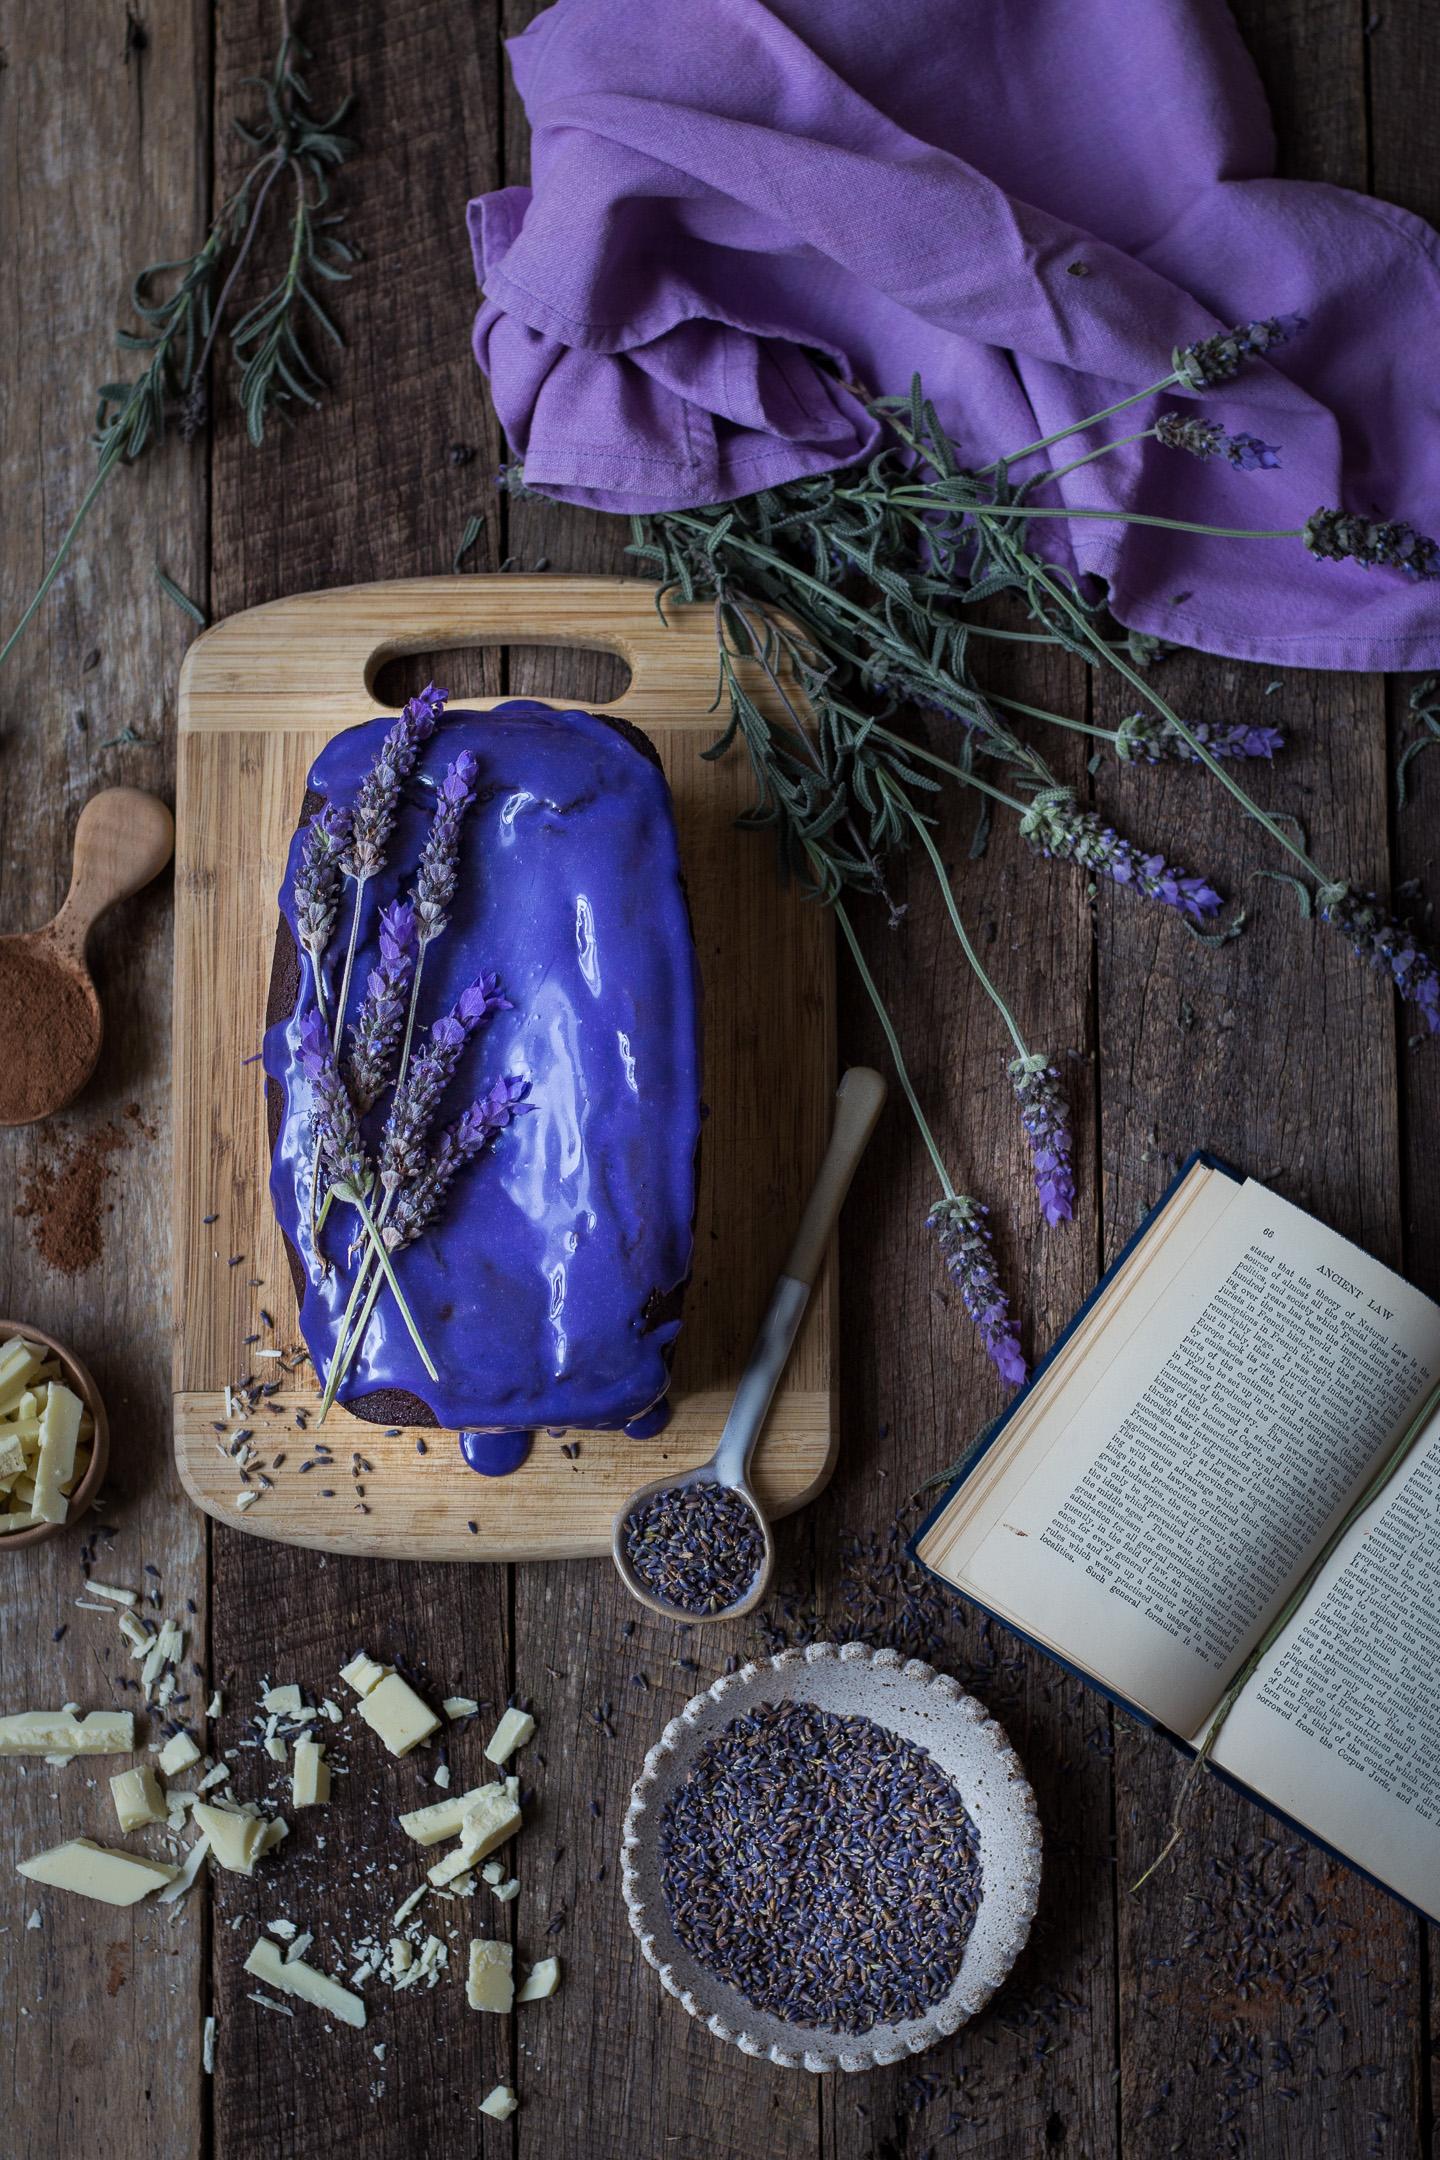 Chocolate Pound Cake with Lavendar Glaze Gluten Free IMG_4916